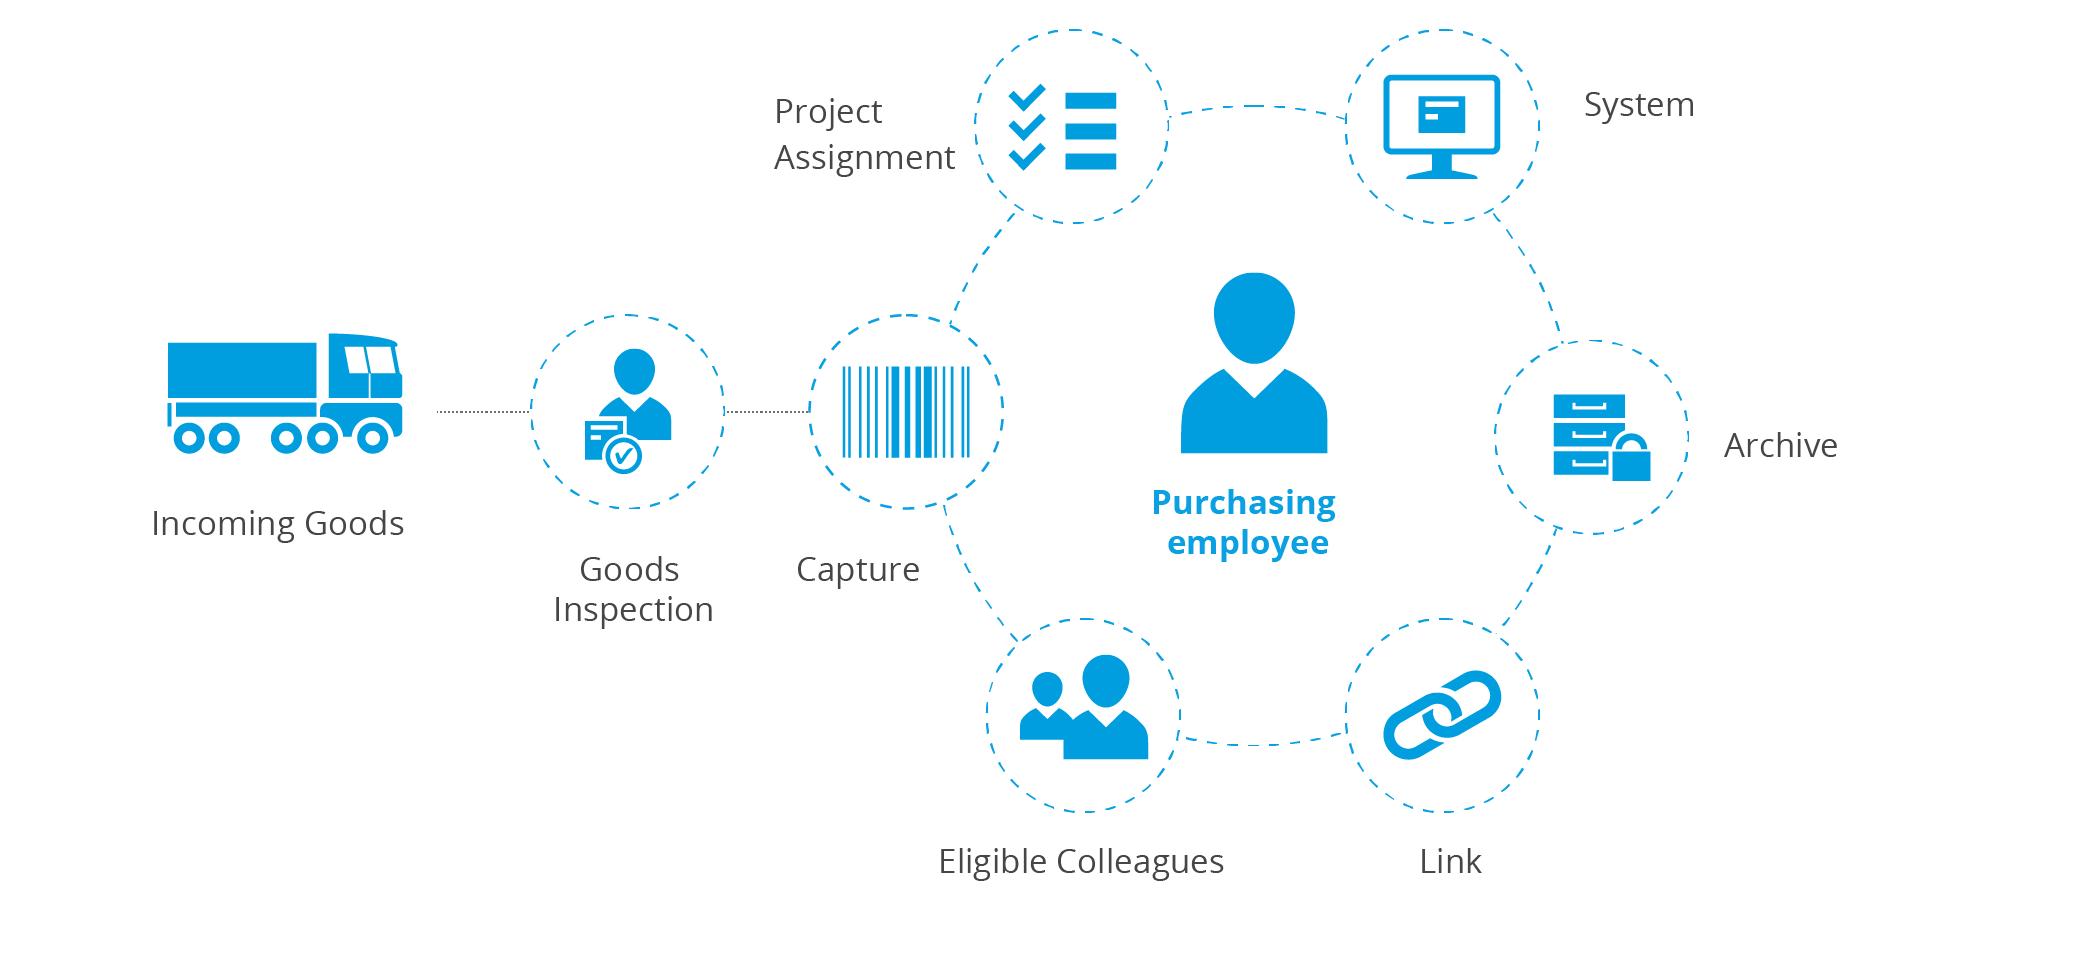 Procurement process - goods receipt